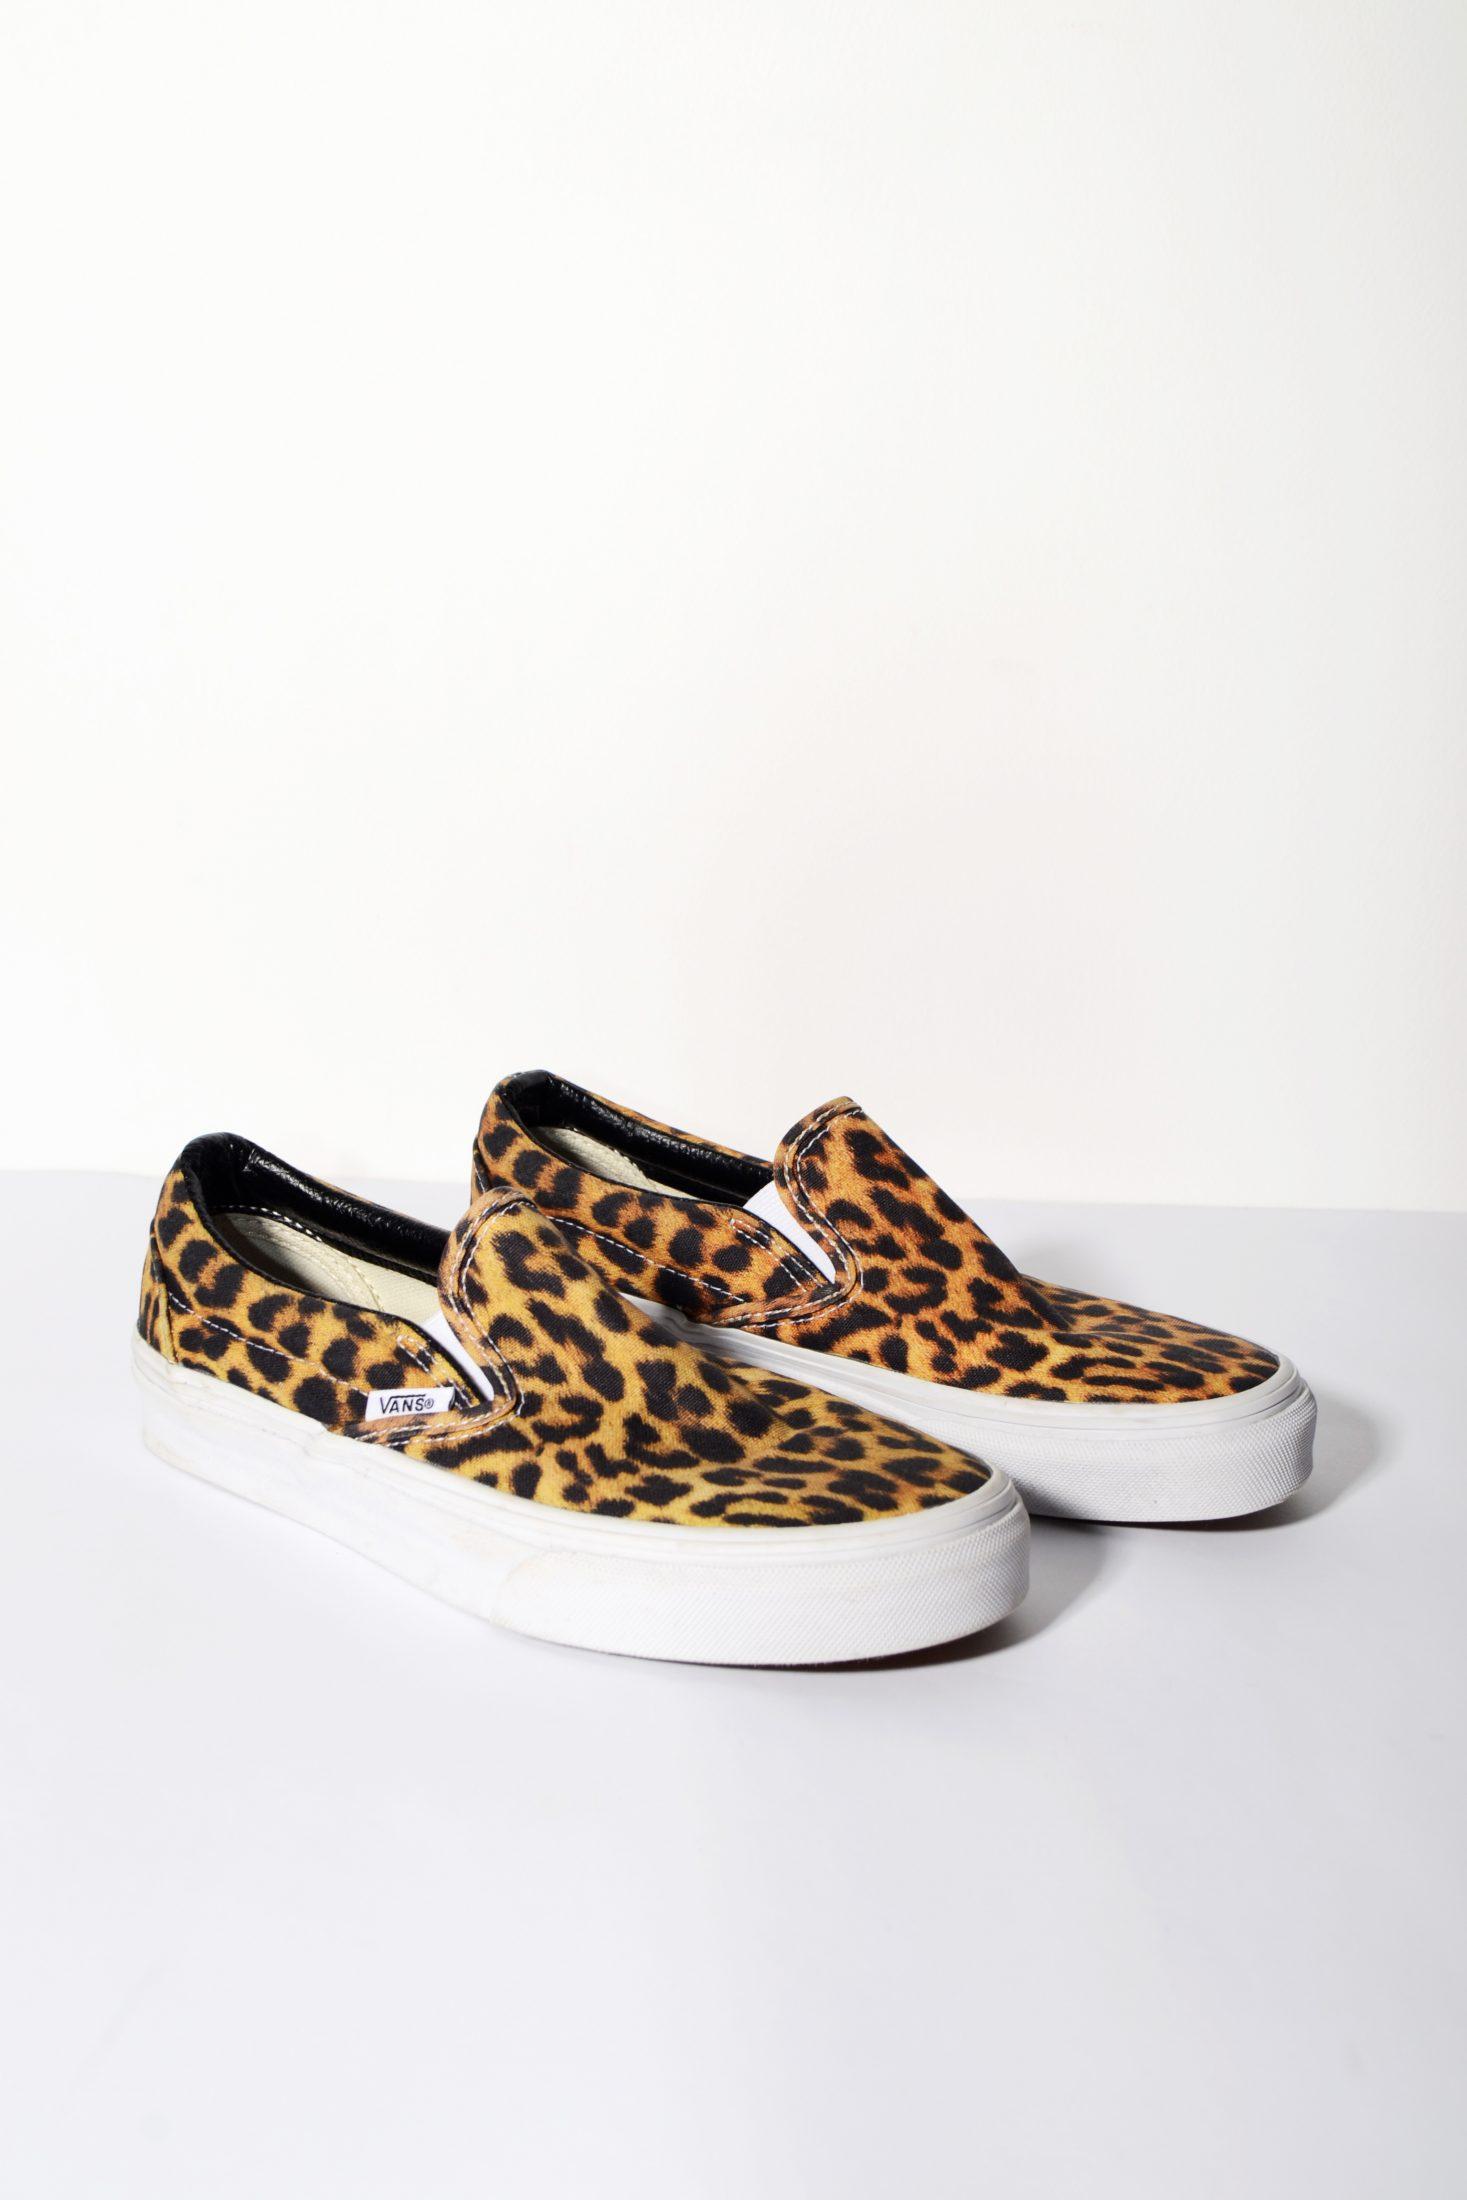 6044de15ebe4ee Vans Leopard Print Slip On Trainers